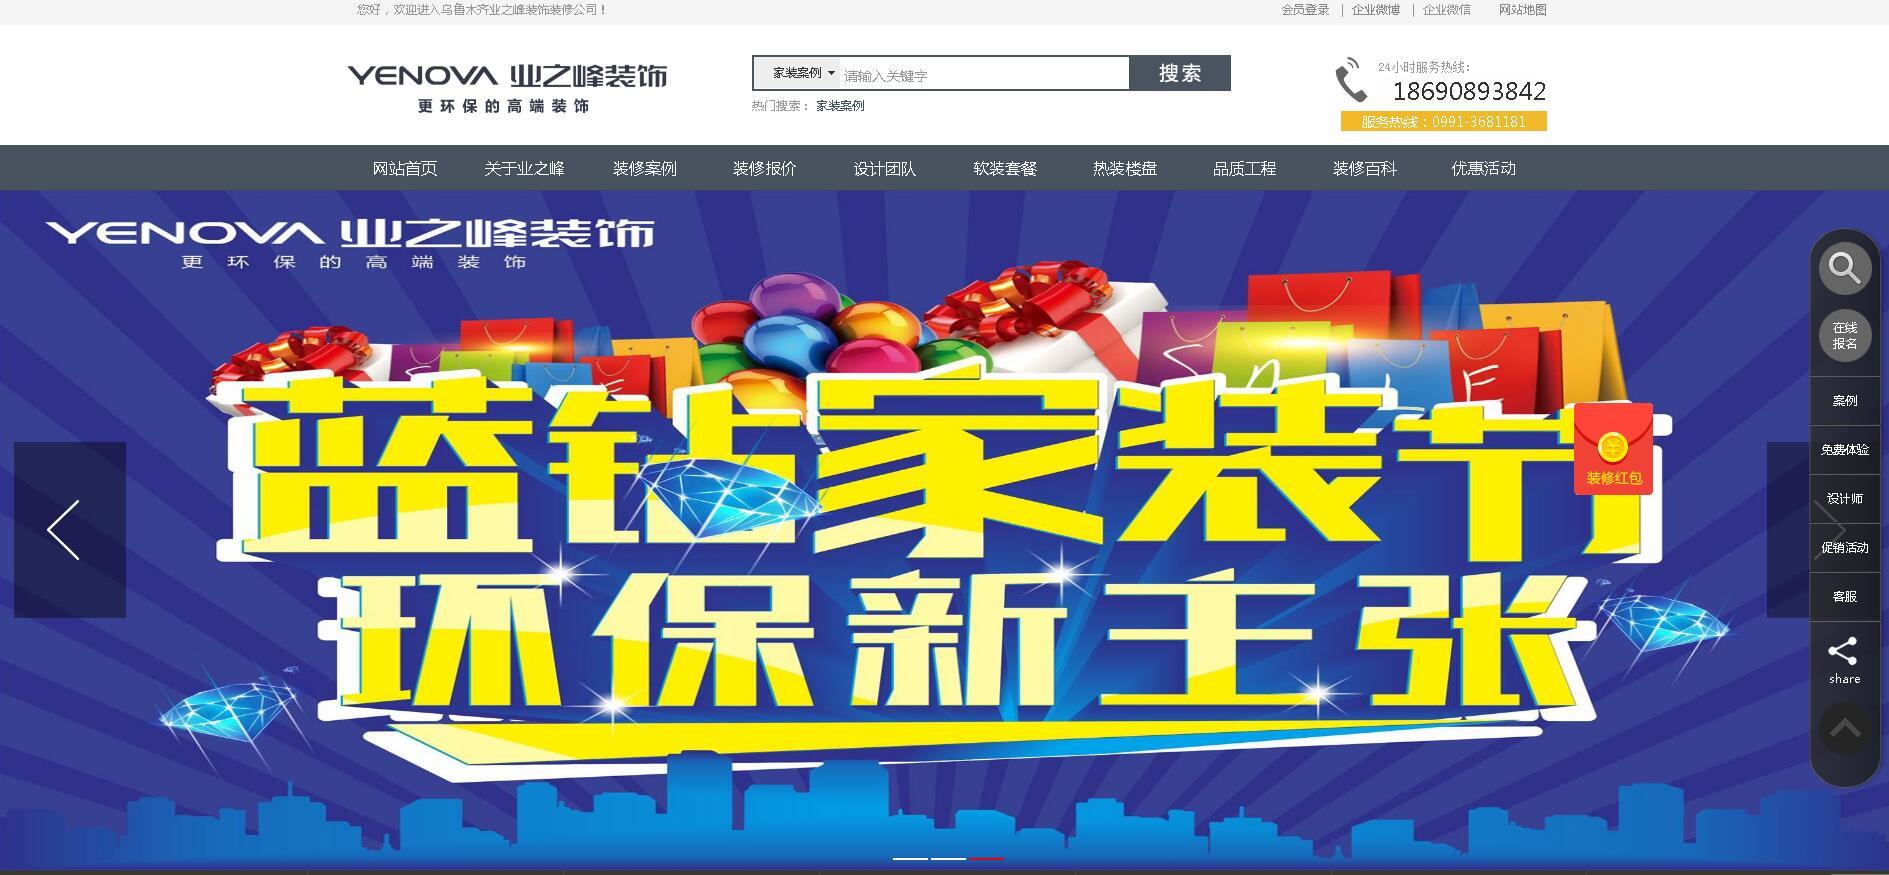 乐后屋装企营销平台热烈祝贺乌鲁木齐业之峰2018新版官方网站上线